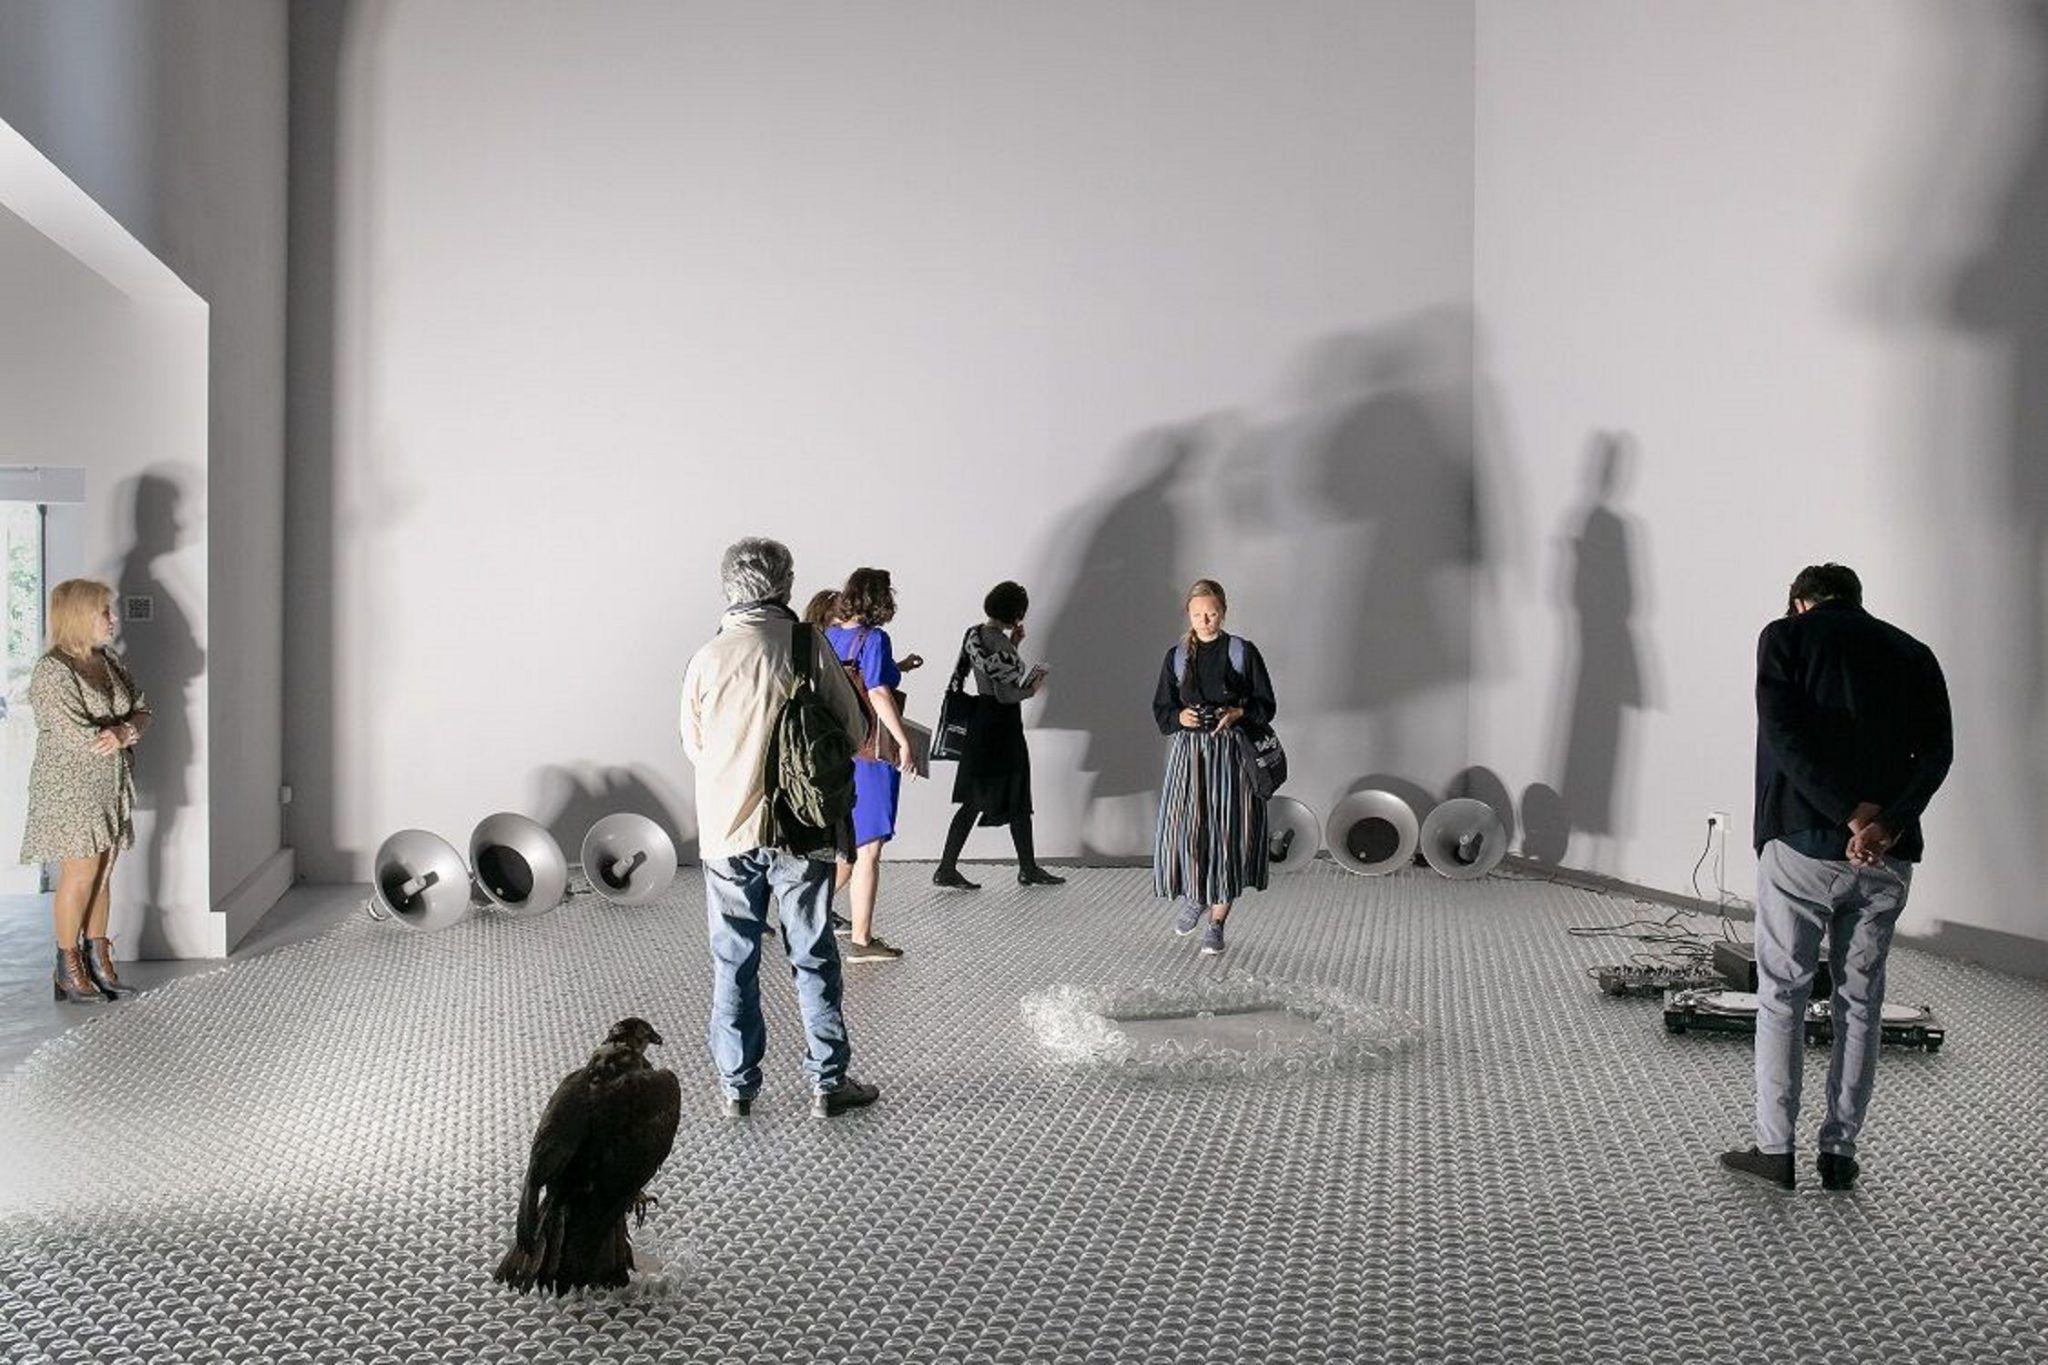 Grecia alla Biennale di Venezia. Uno sguardo (finalmente) periferico dalla culla della cultura Occidentale